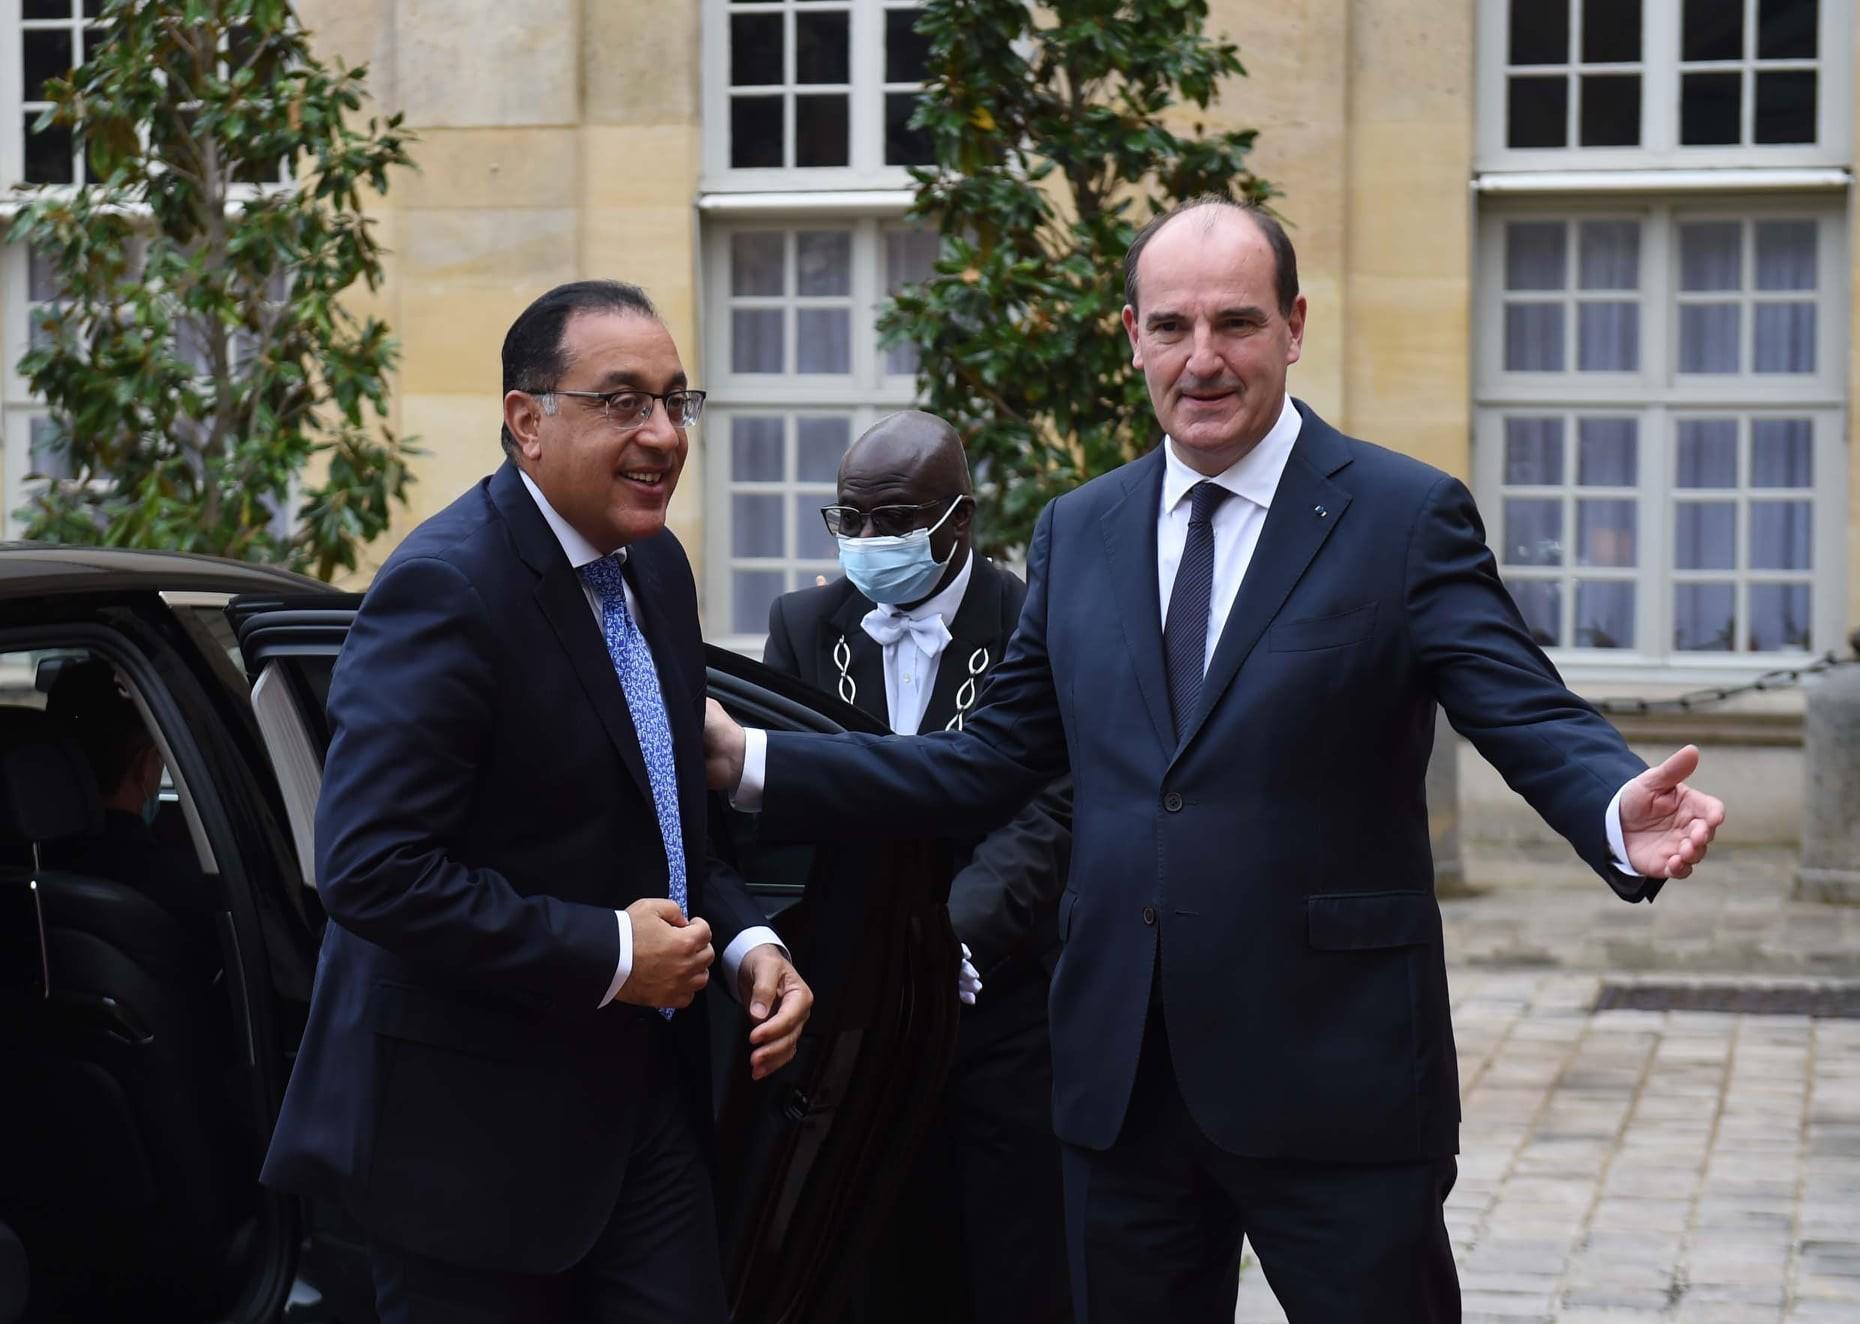 رئيس الوزراء الفرنسي: مصر دولة محورية وذات حضارة عظيمة